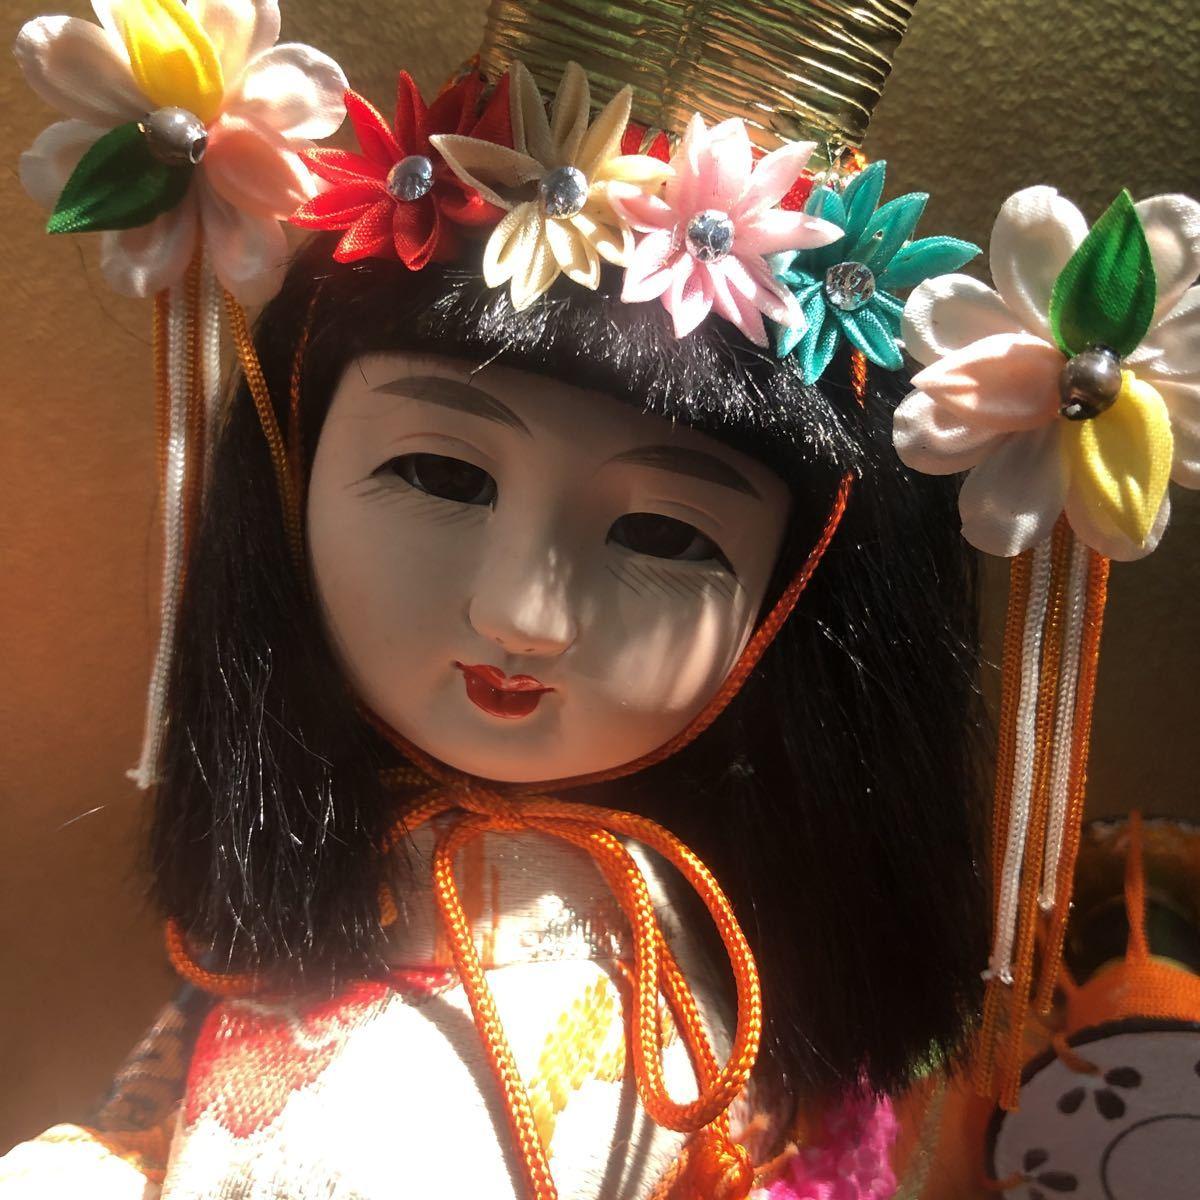 3283 浅妻 古い レトロ 日本人形 ガラスケースつき 昭和レトロ アンティーク 幅29cm高さ43cm奥行き24cm_画像3